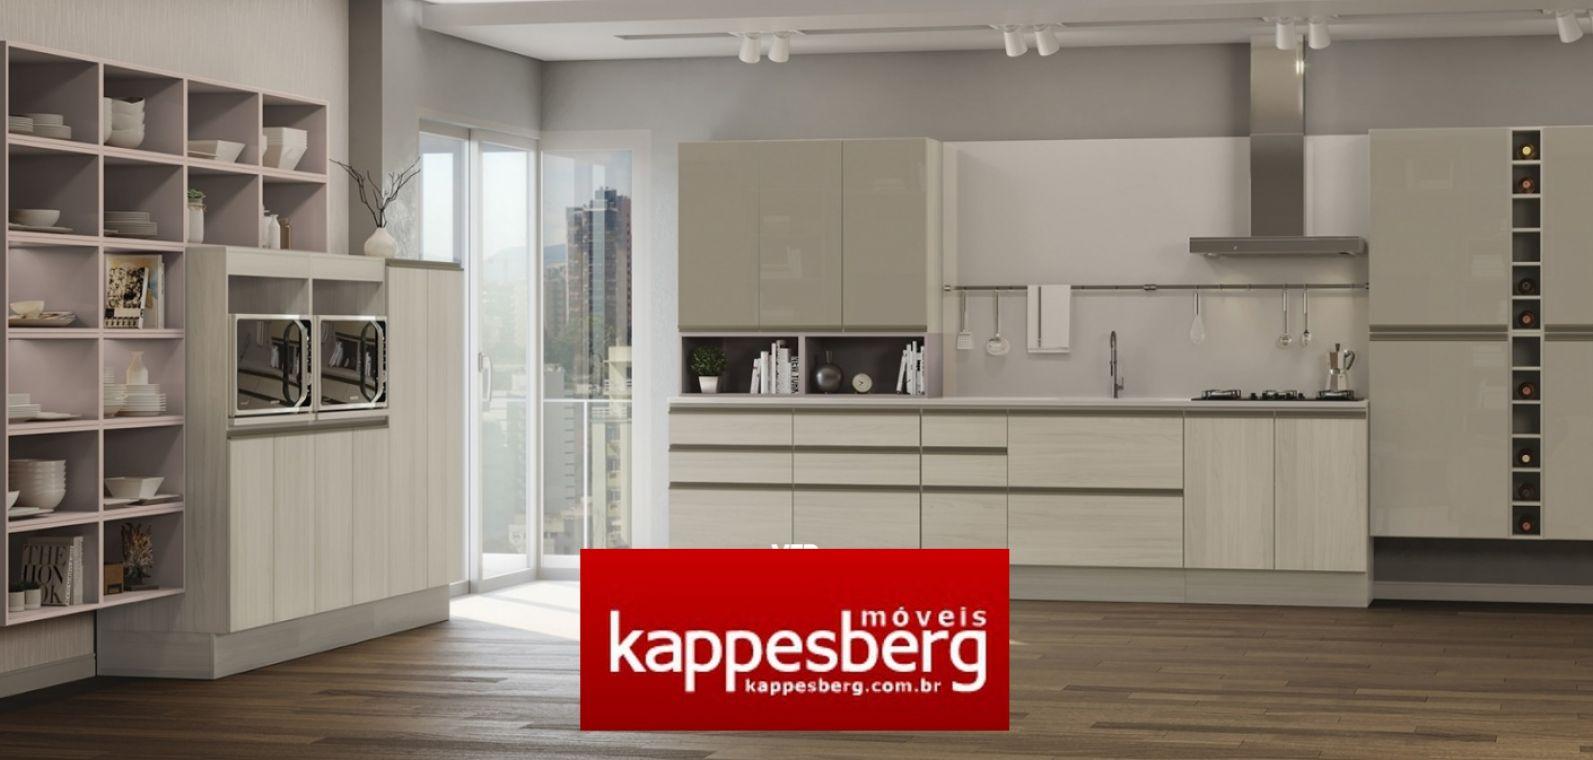 Cozinha Completa Kappesberg Resimden Com